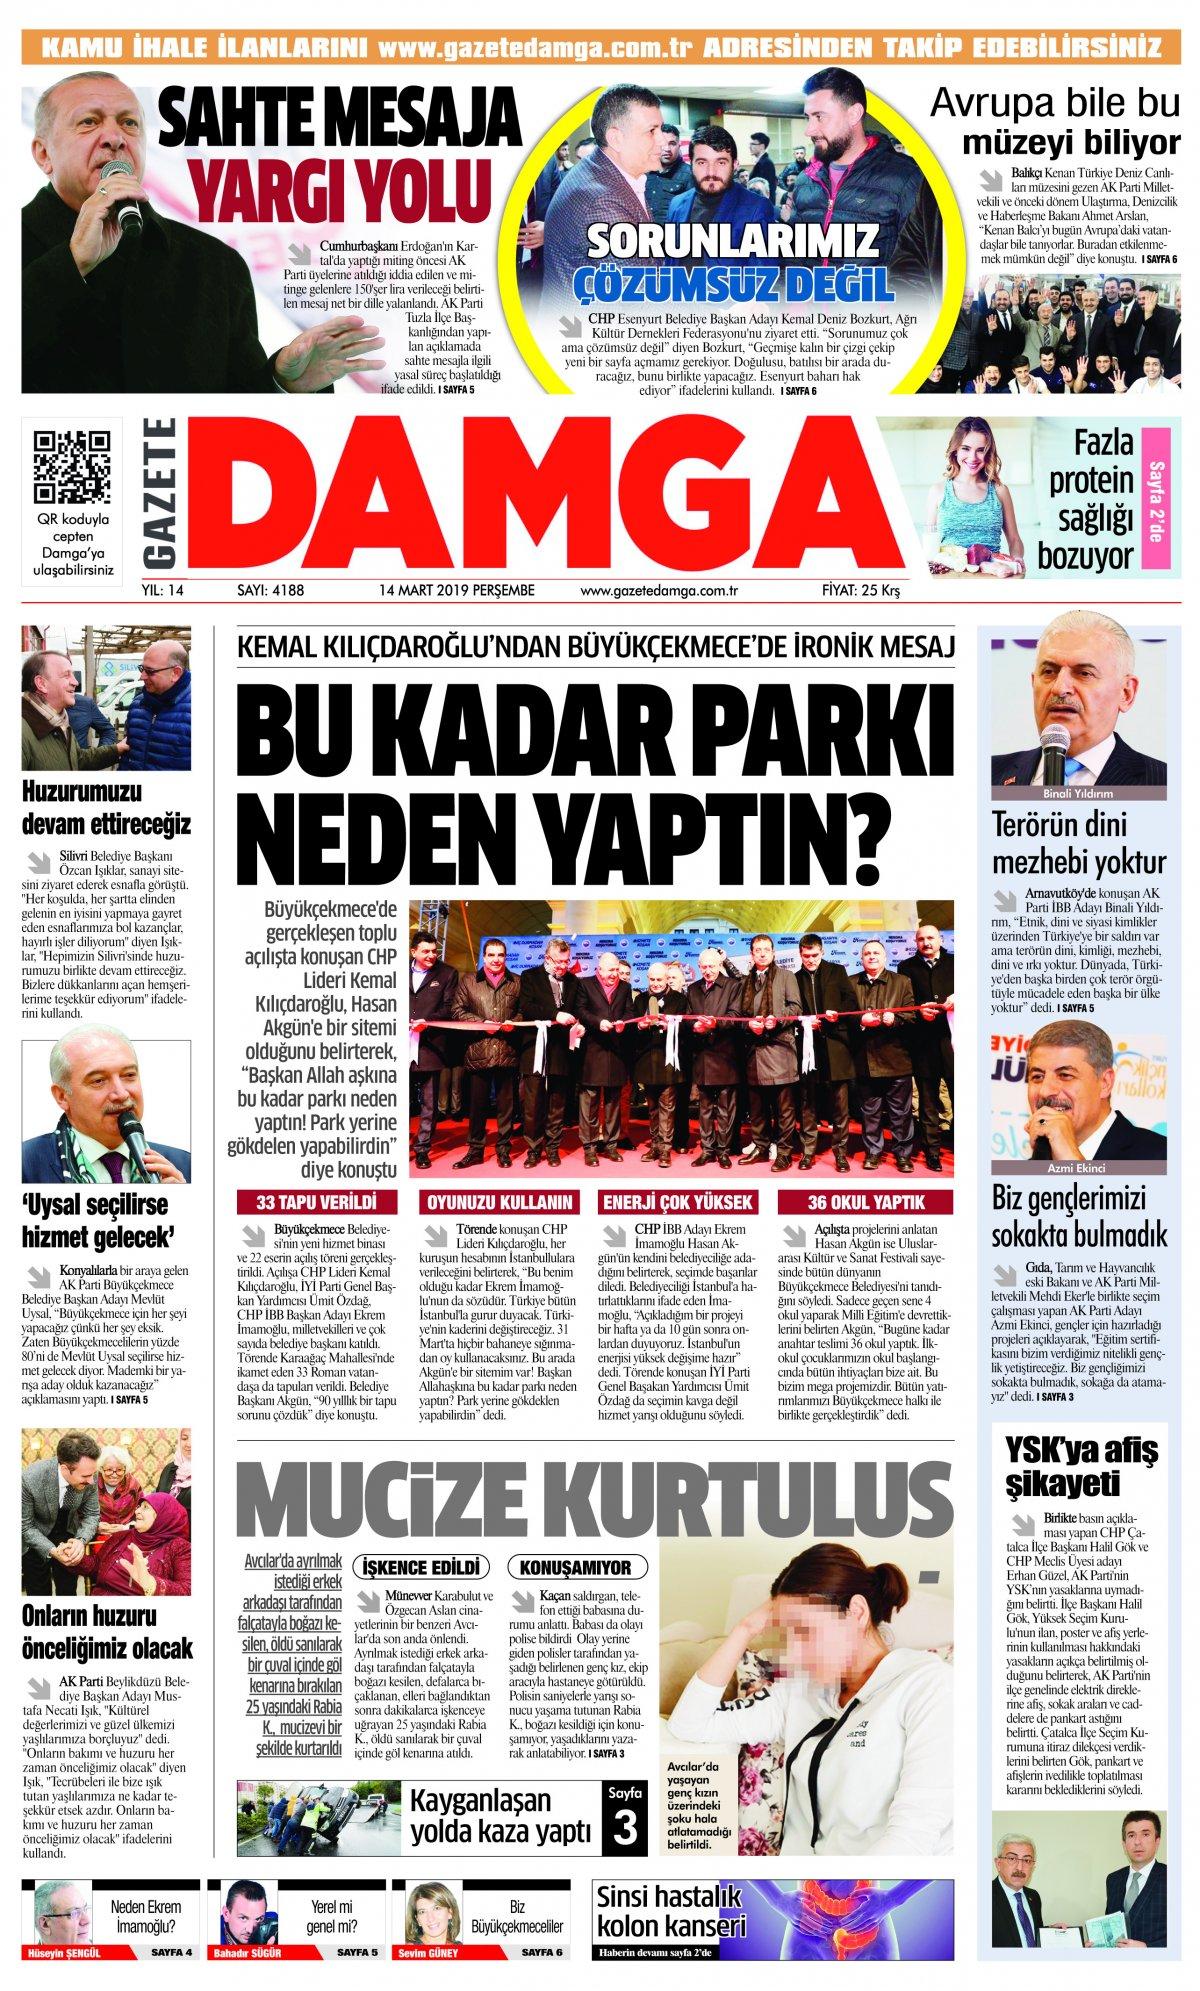 Gazete Damga - 14.03.2019 Sayfaları